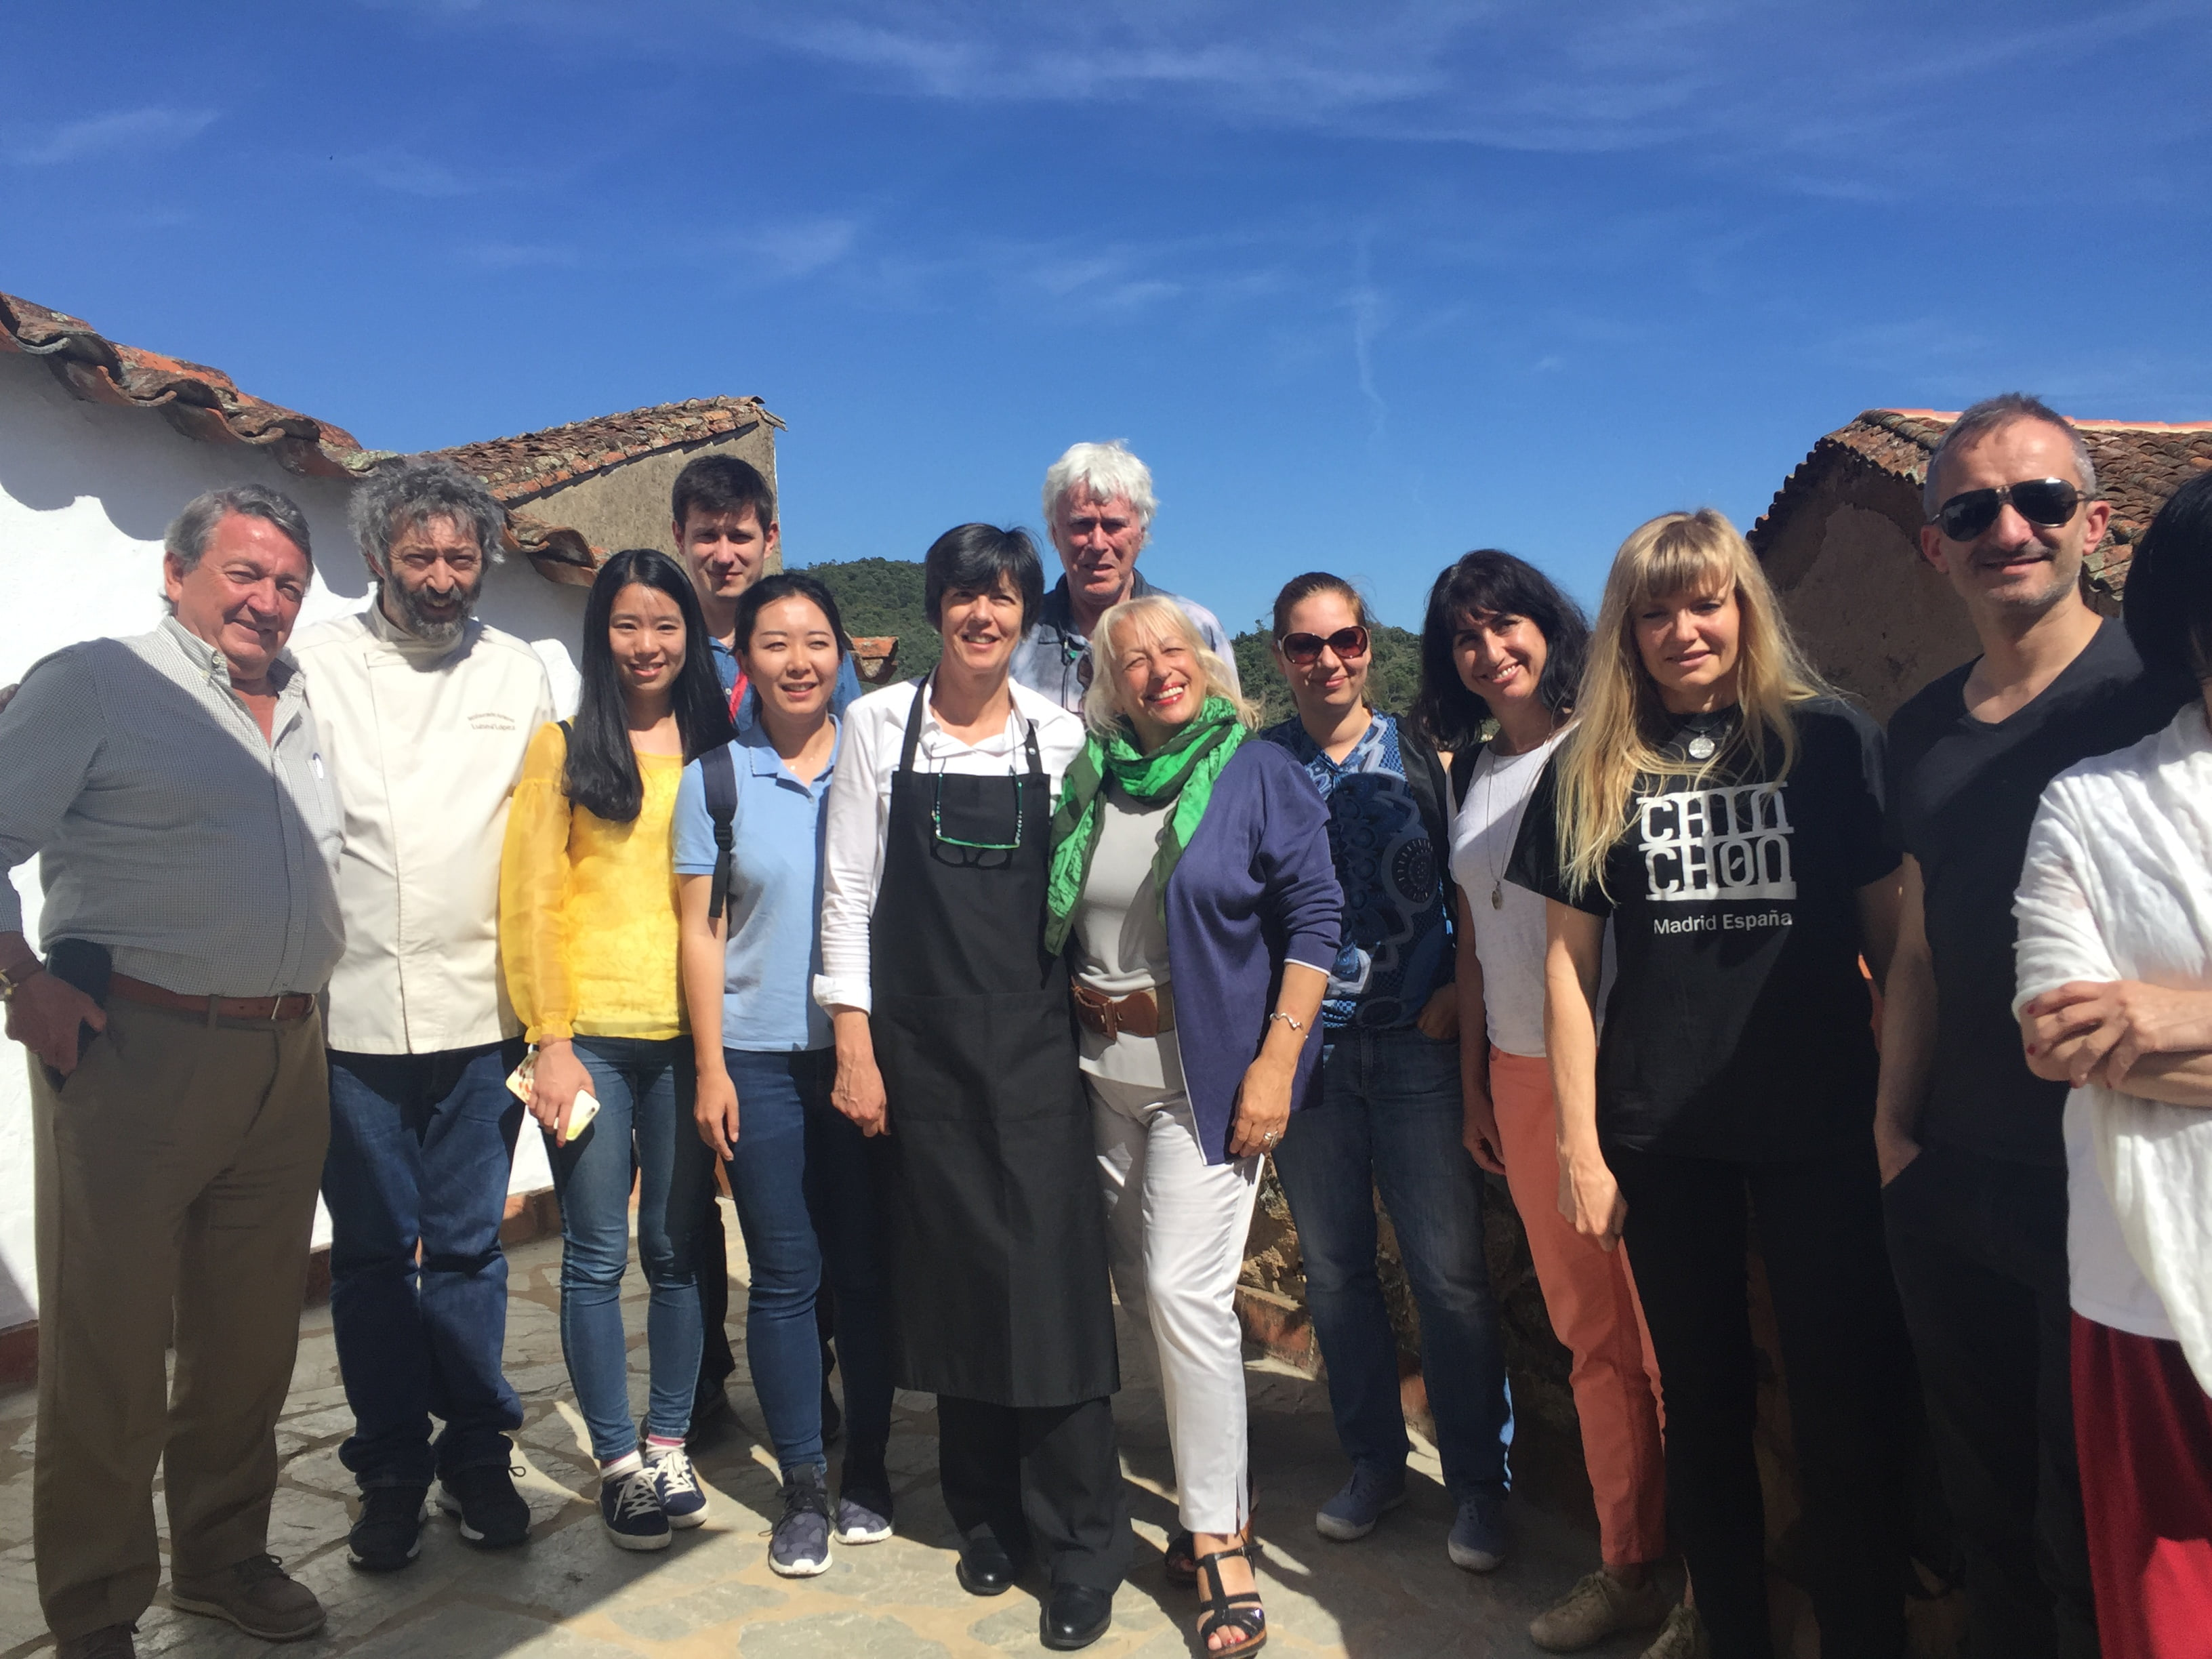 Profesionales de los medios de comunicación visitando la Sierra de Huelva